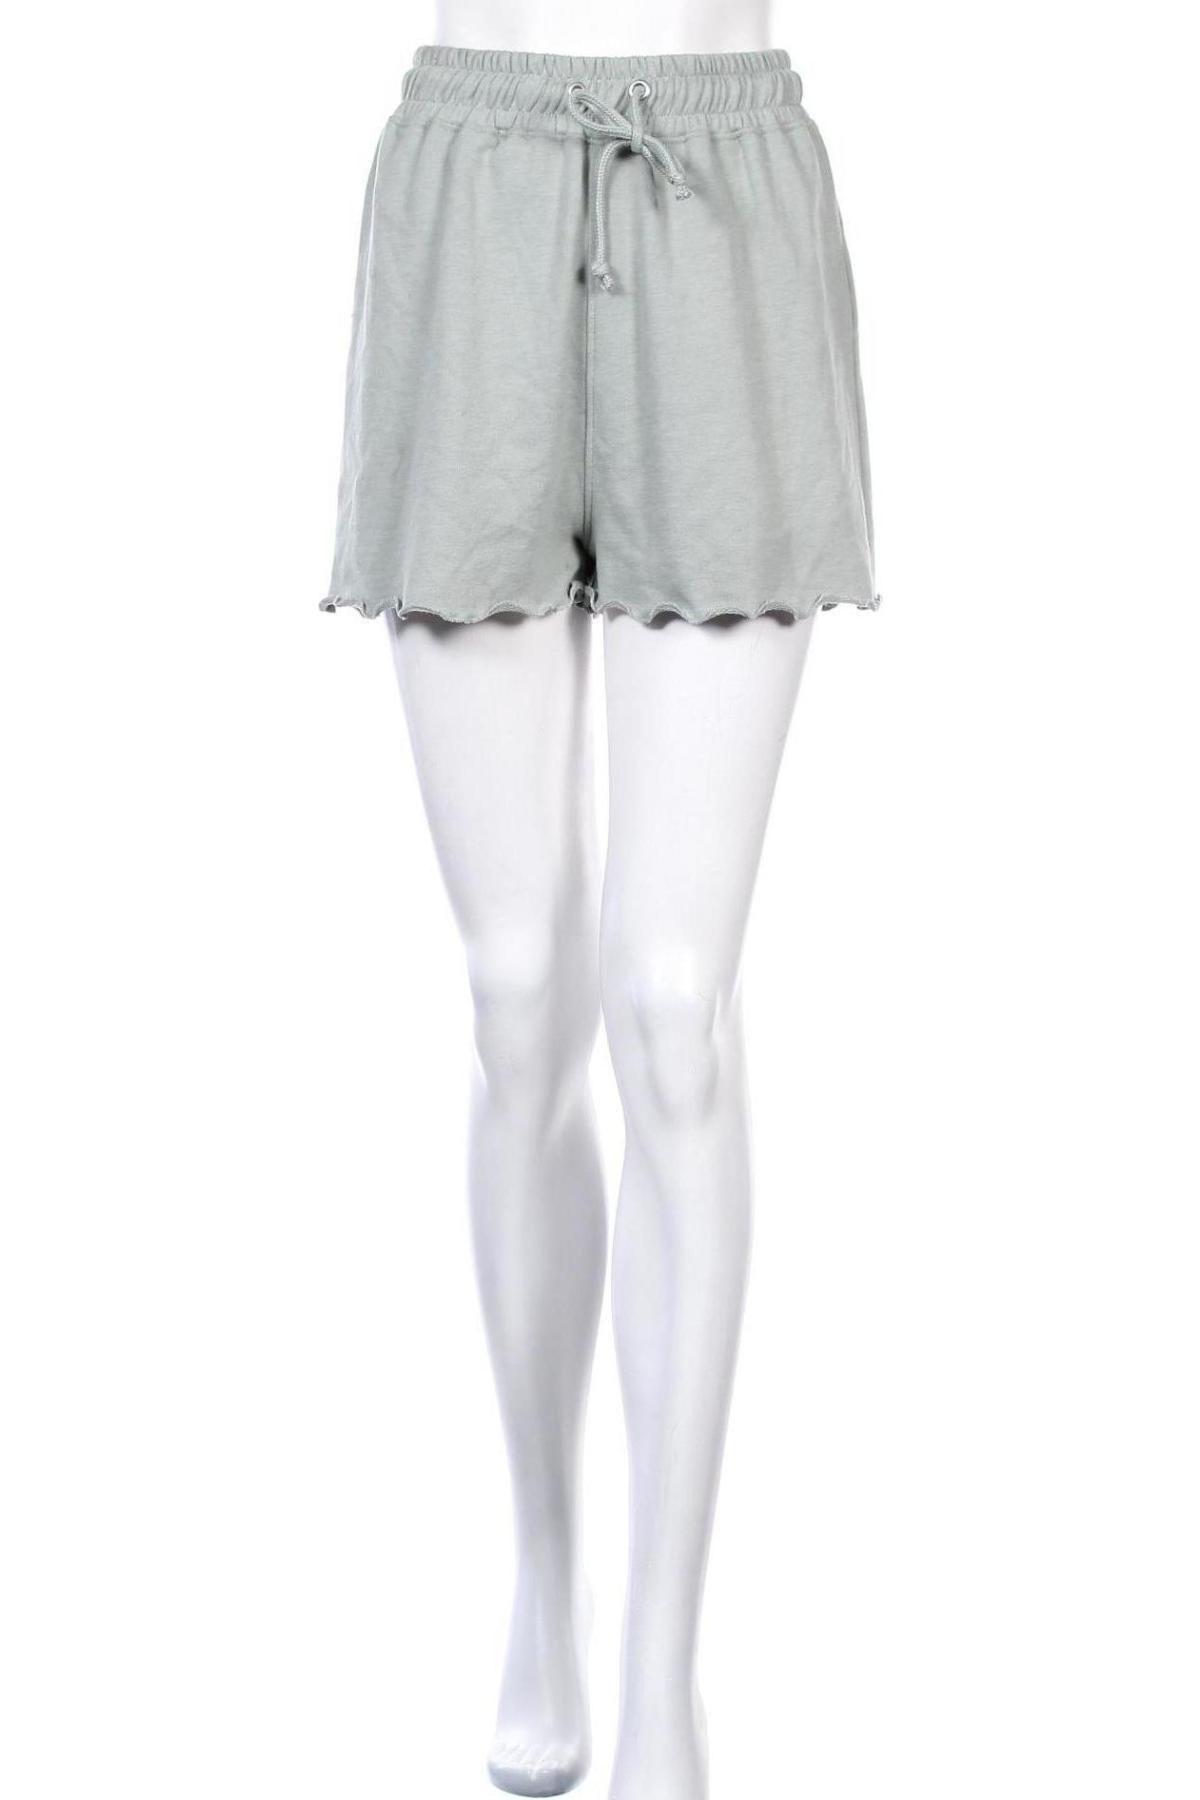 Γυναικείο κοντό παντελόνι Missguided, Μέγεθος S, Χρώμα Πράσινο, 55% πολυεστέρας, 45% βαμβάκι, Τιμή 9,64€